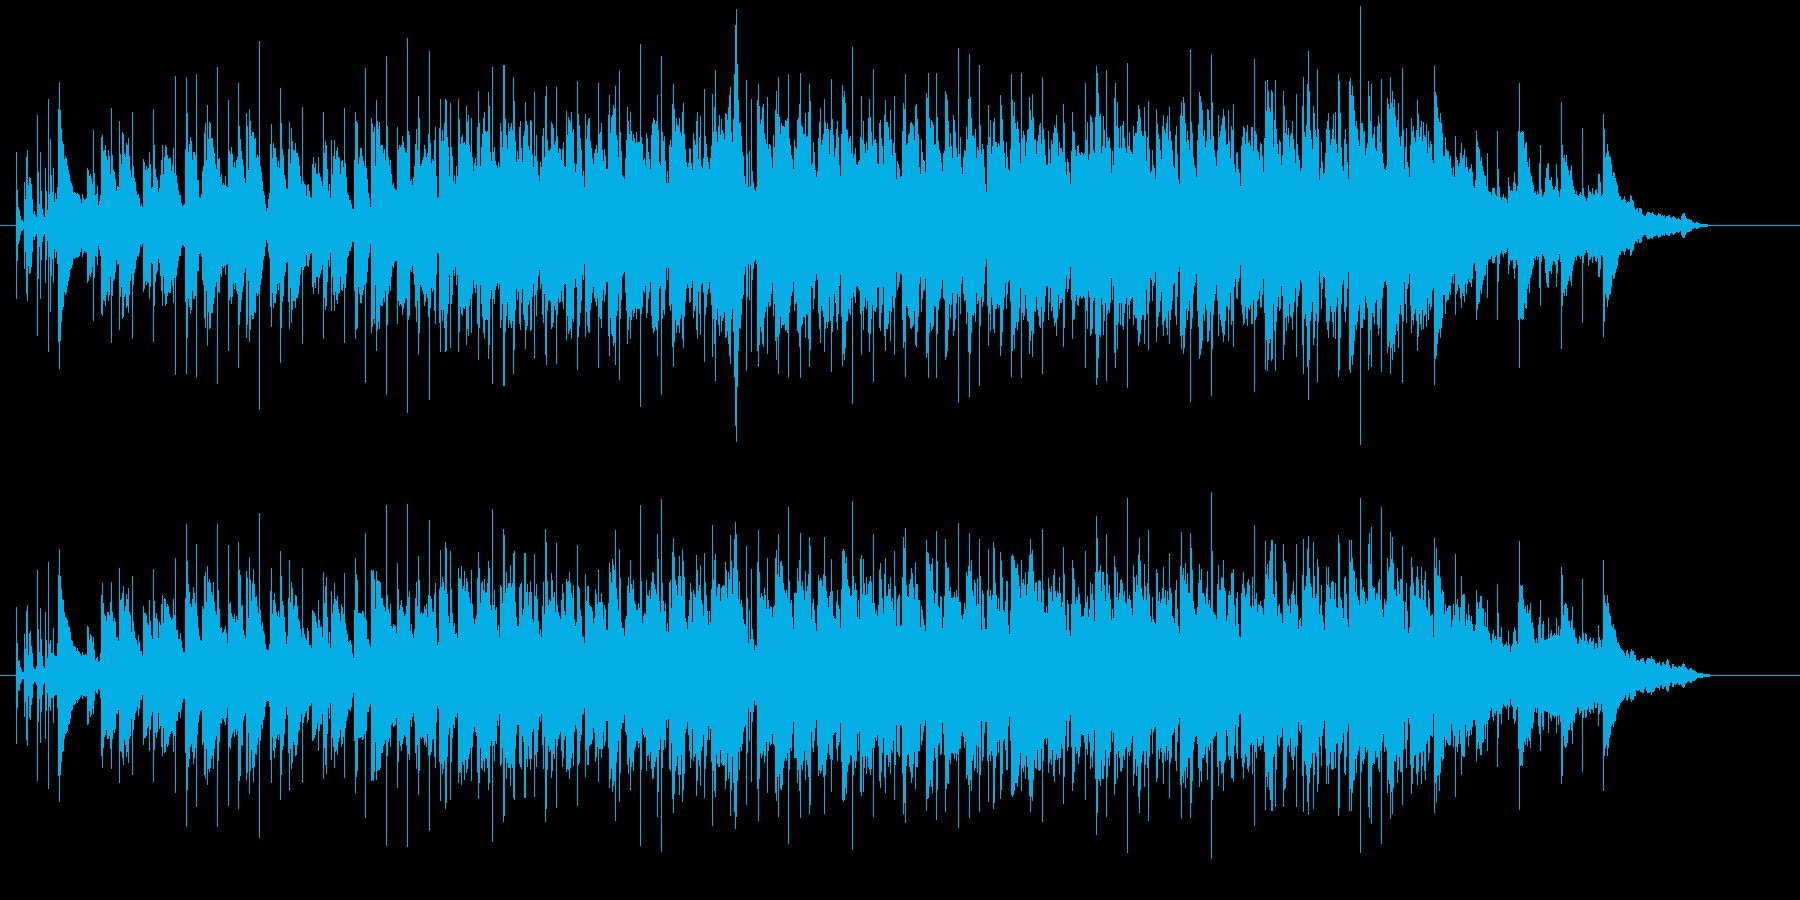 ナチュラルなグルーヴのニューミュージックの再生済みの波形